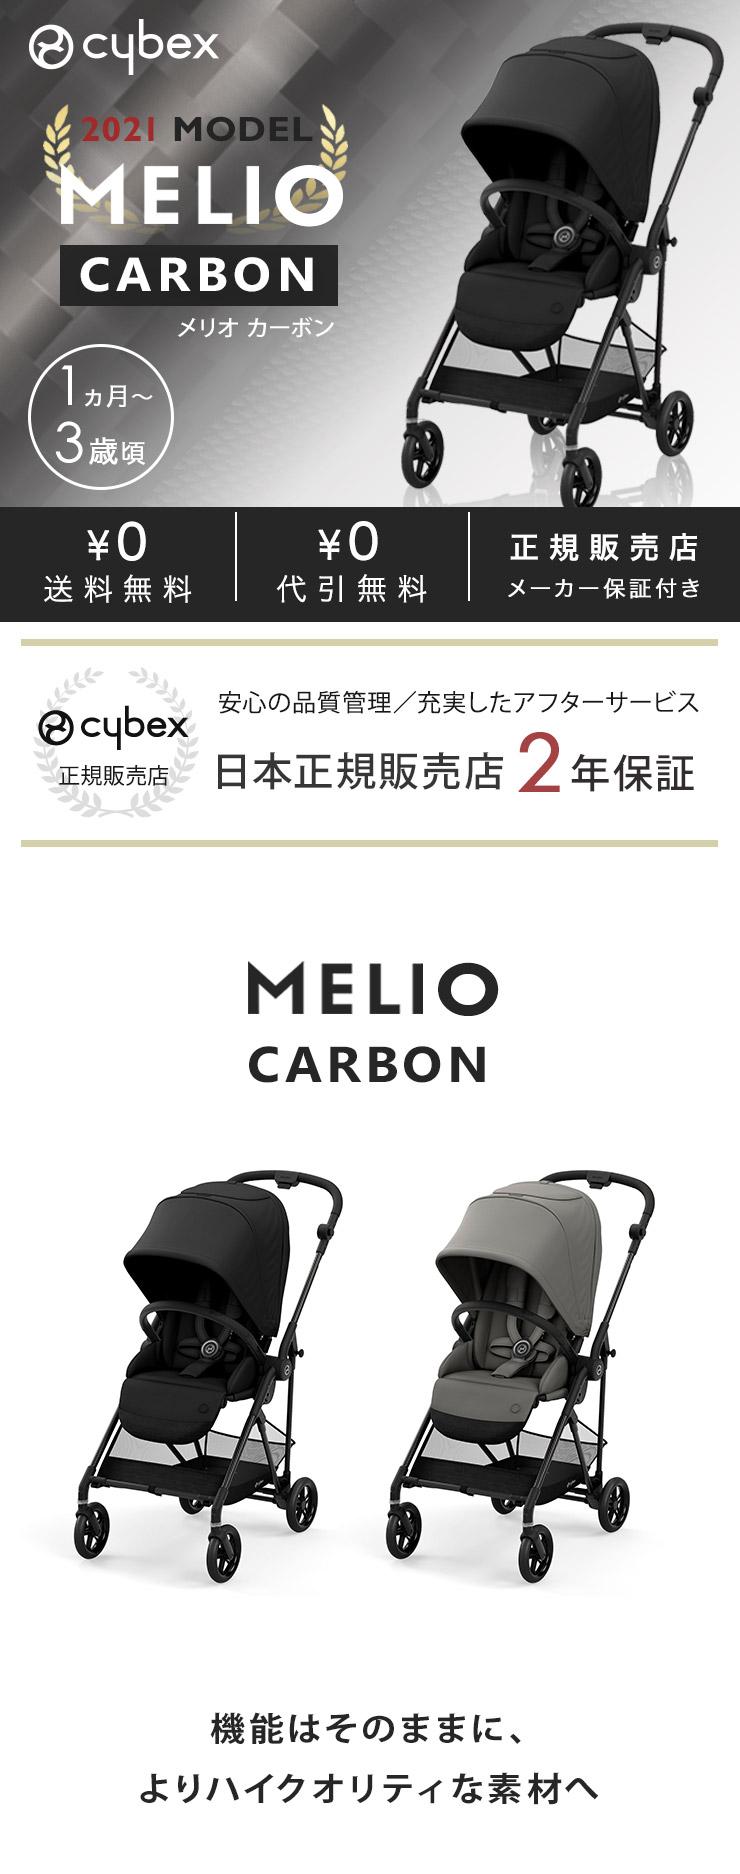 cybex サイベックス メリオ カーボン リニューアルモデル